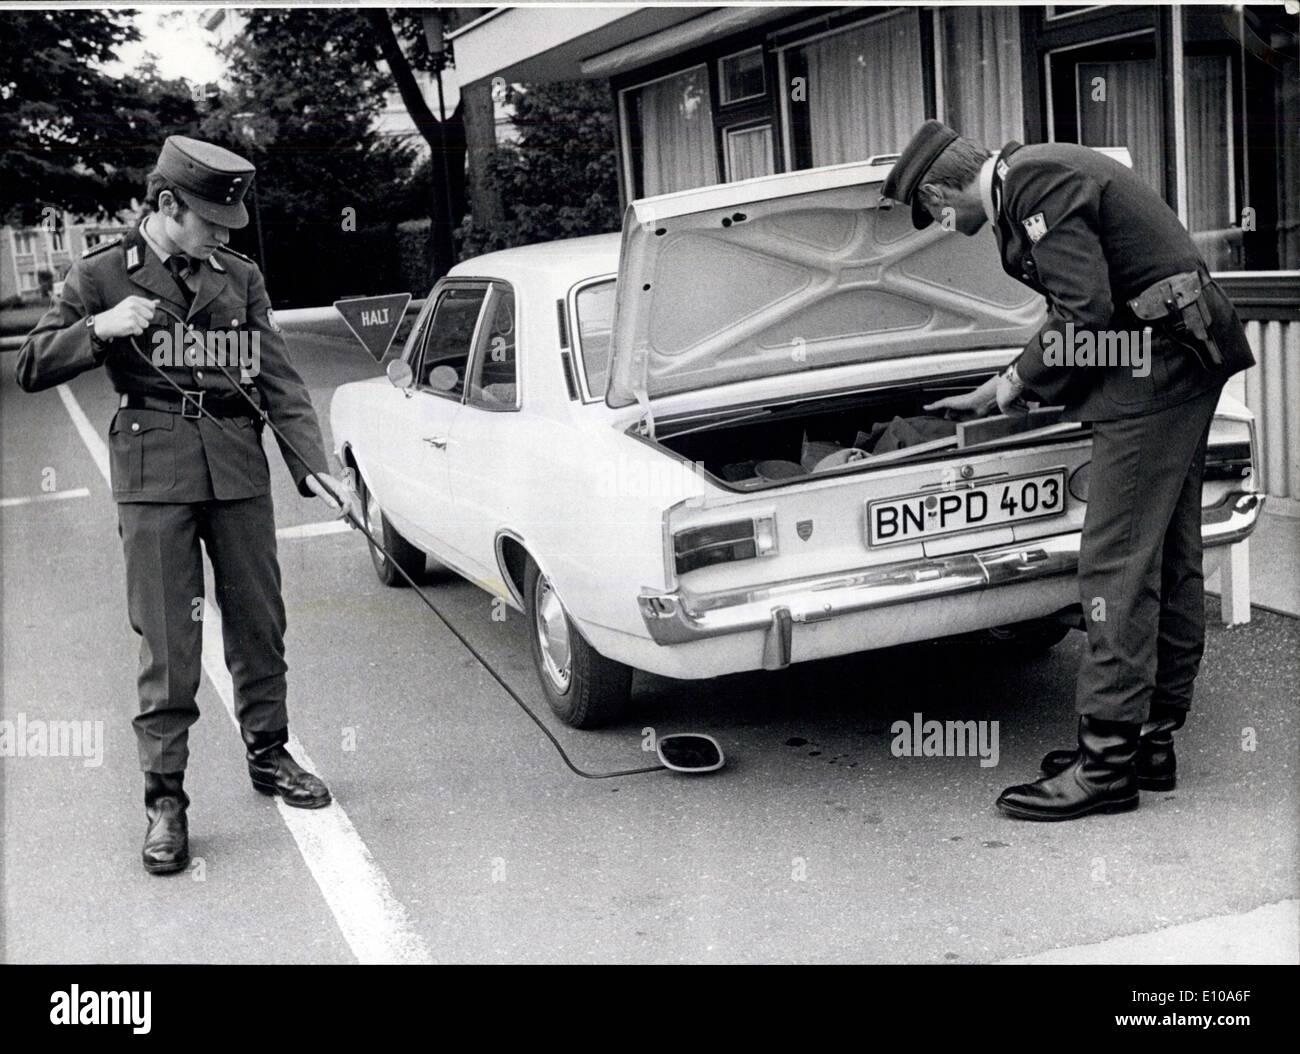 30 maggio 1972 - Bomba di tentativi in Germania ovest: una ricerca nazionale per i terroristi che hanno recentemente Immagini Stock